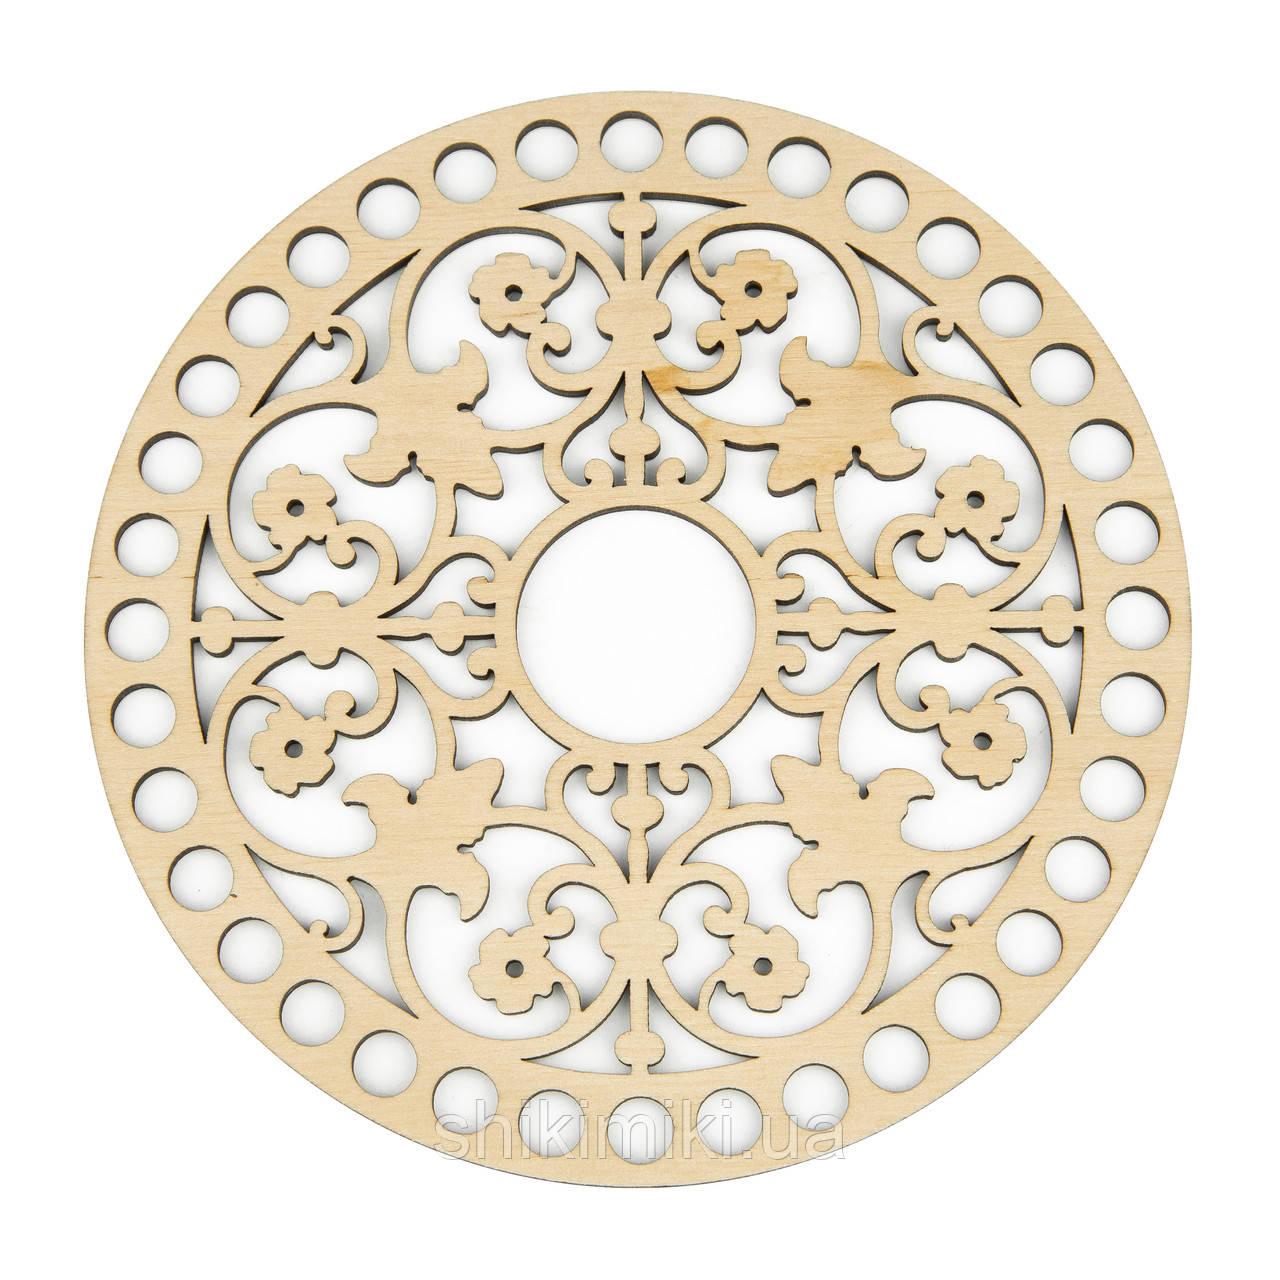 Заготівля з фанери ажурна кругла -88 (12 см)